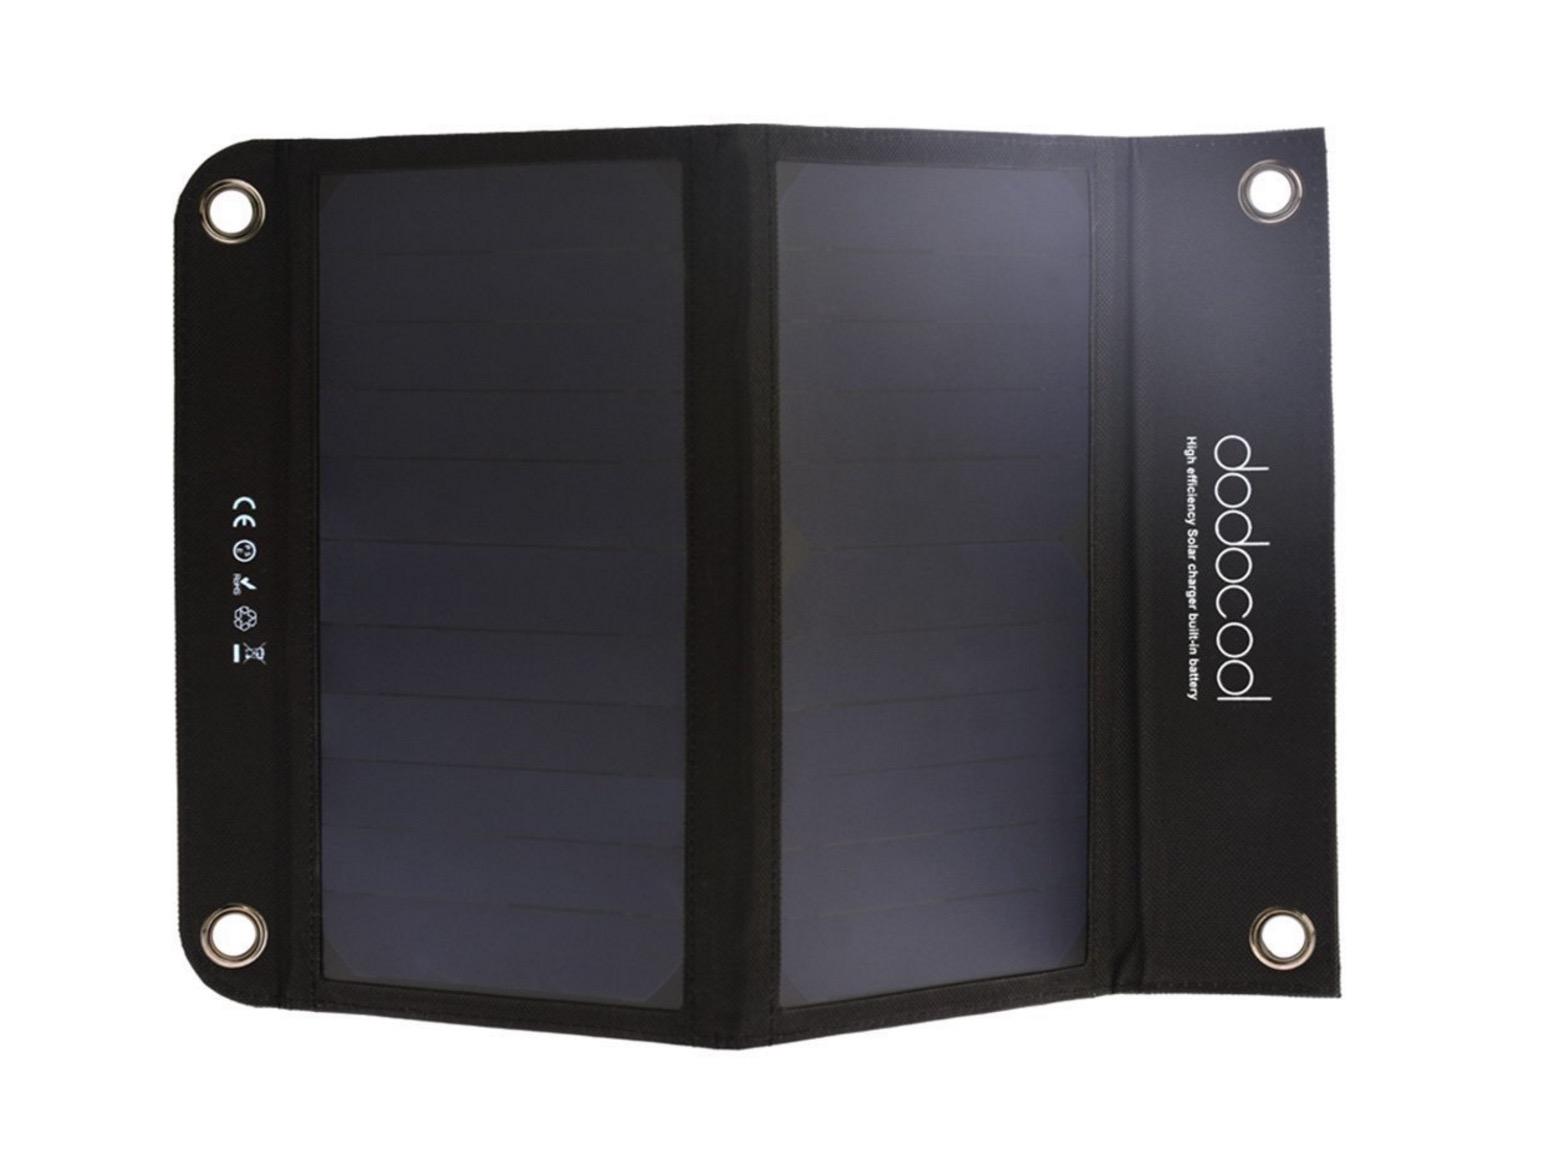 d44f417210 Pannello solare con batteria da 10.000 mAh incorporata: sconto 34,29 ...